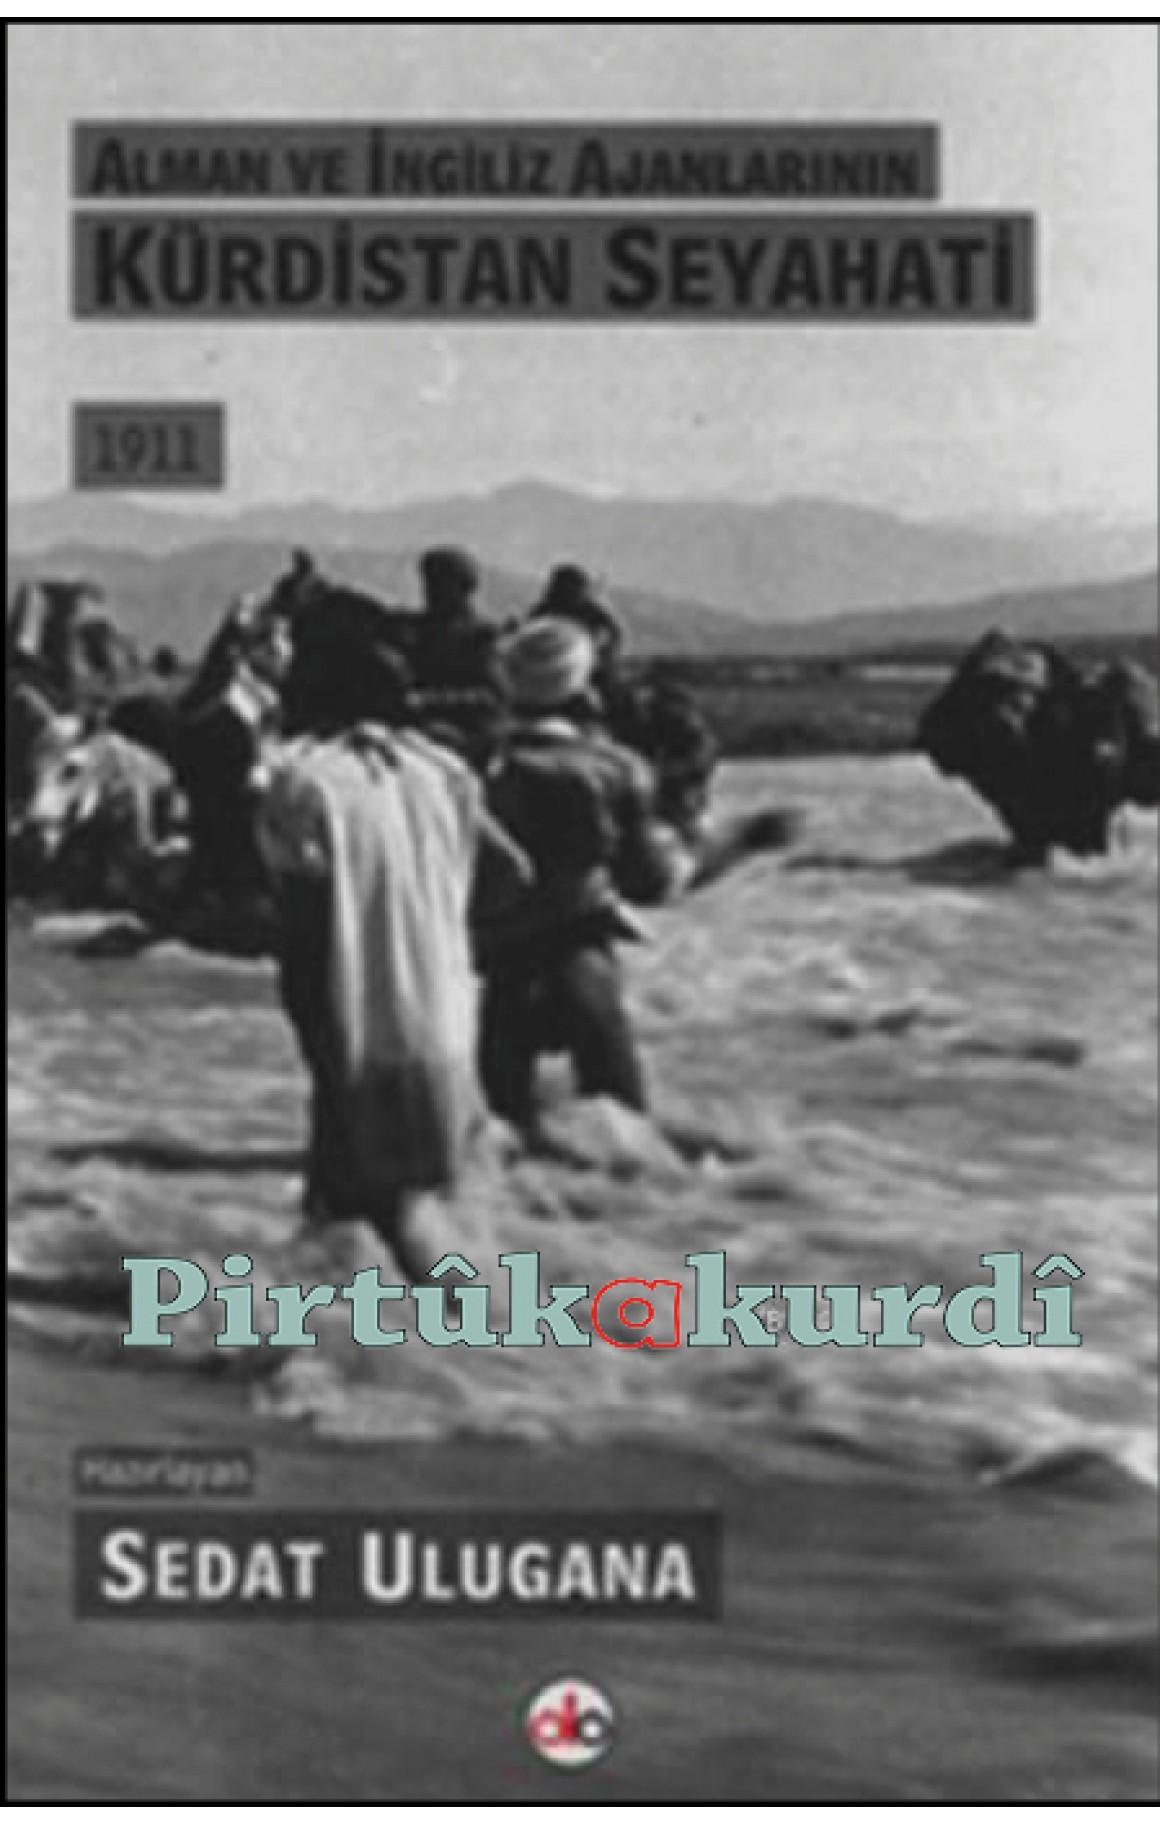 Alman ve İngiliz Ajanlarının Kürdistan Seyahati - 1911